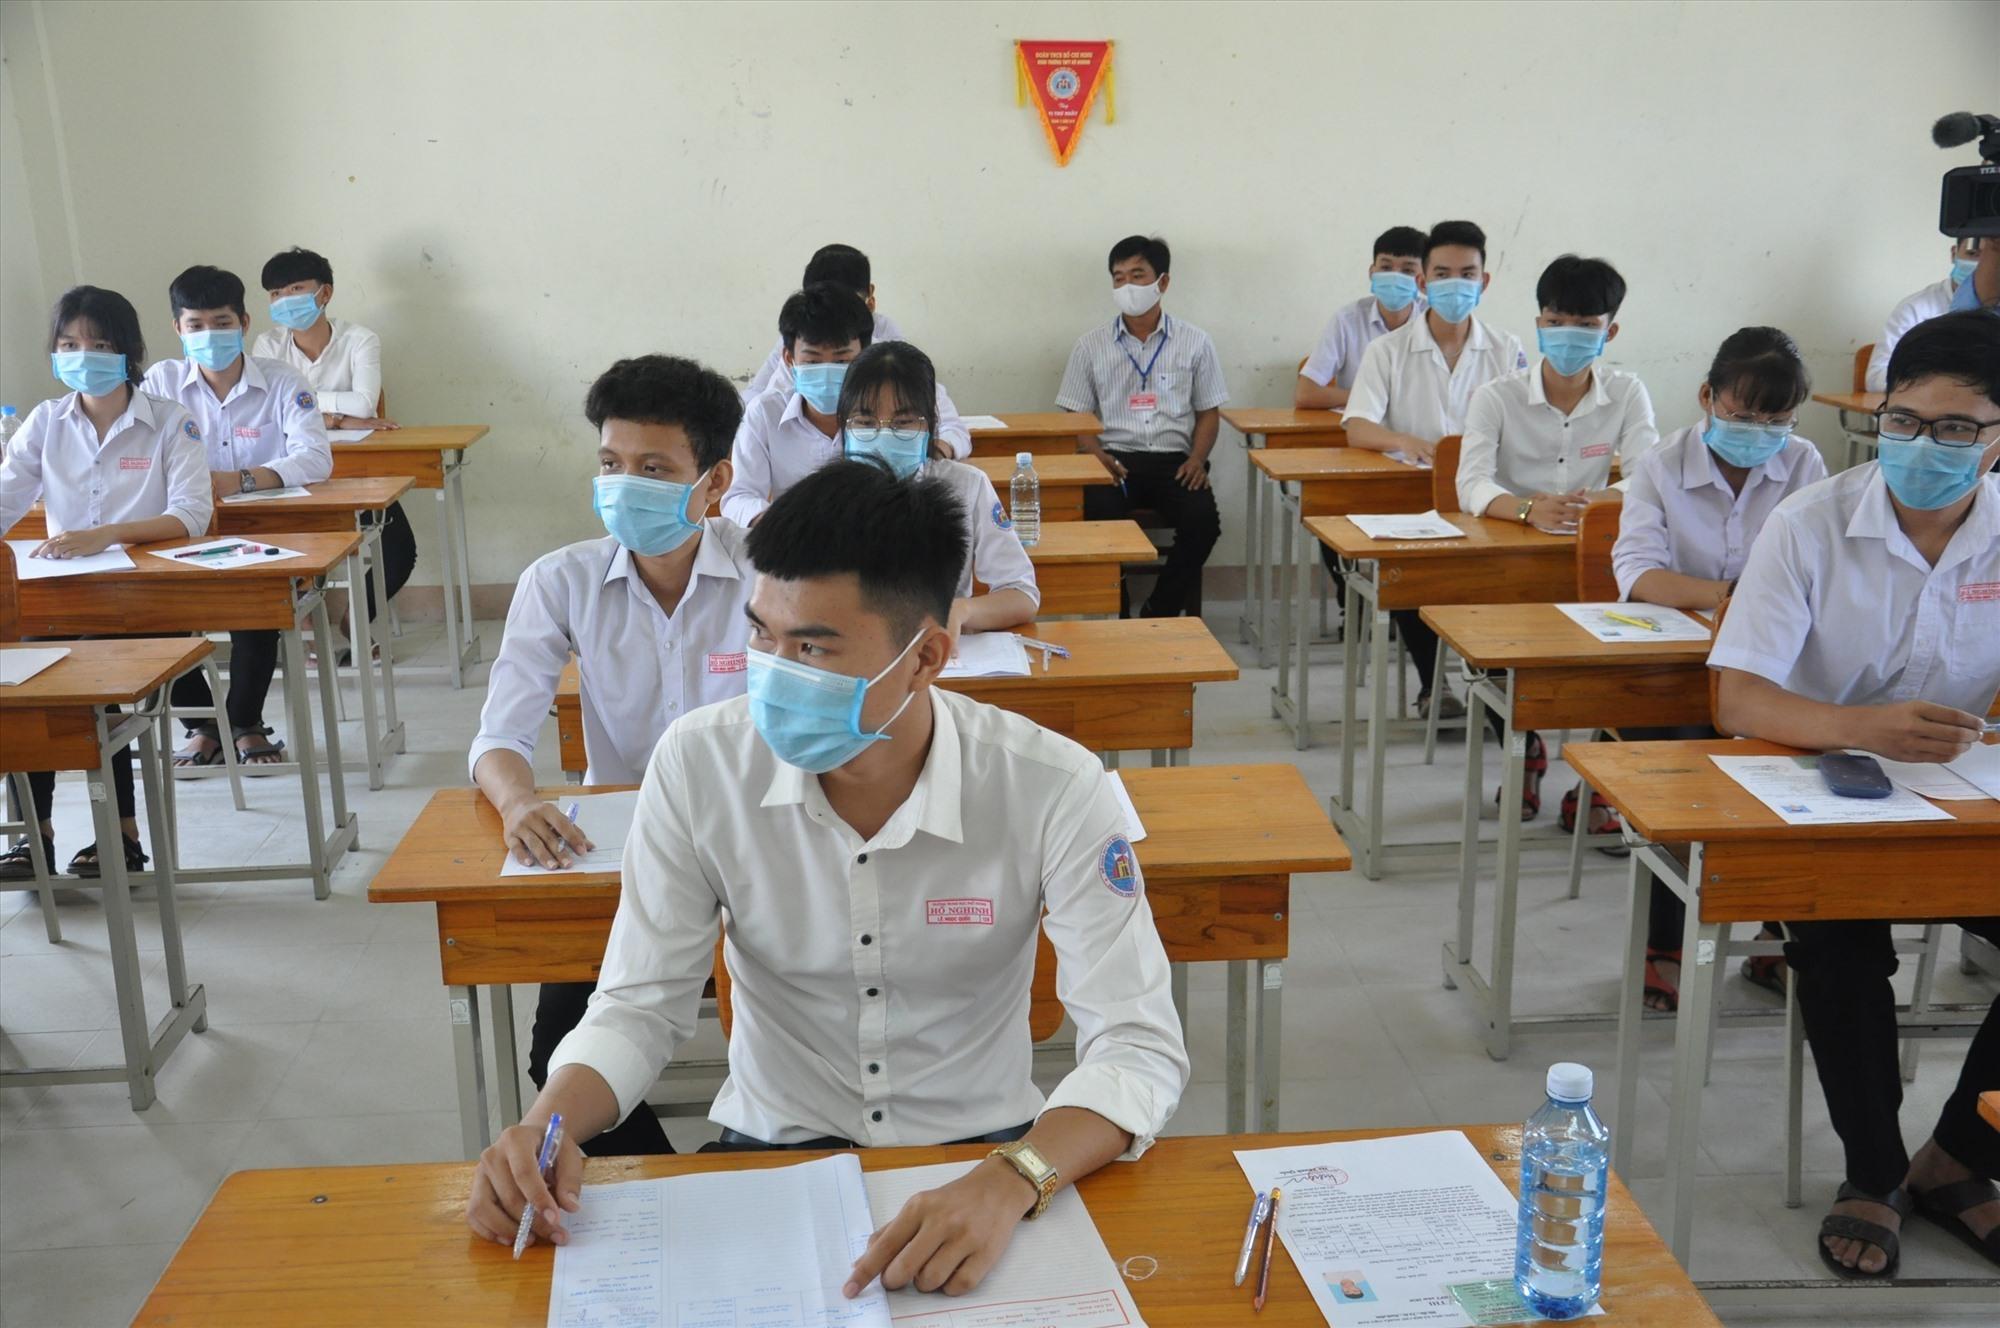 Thí sinh tại điểm thi Trường THPT Hồ Nghinh (Duy Xuyên). Ảnh: X.P